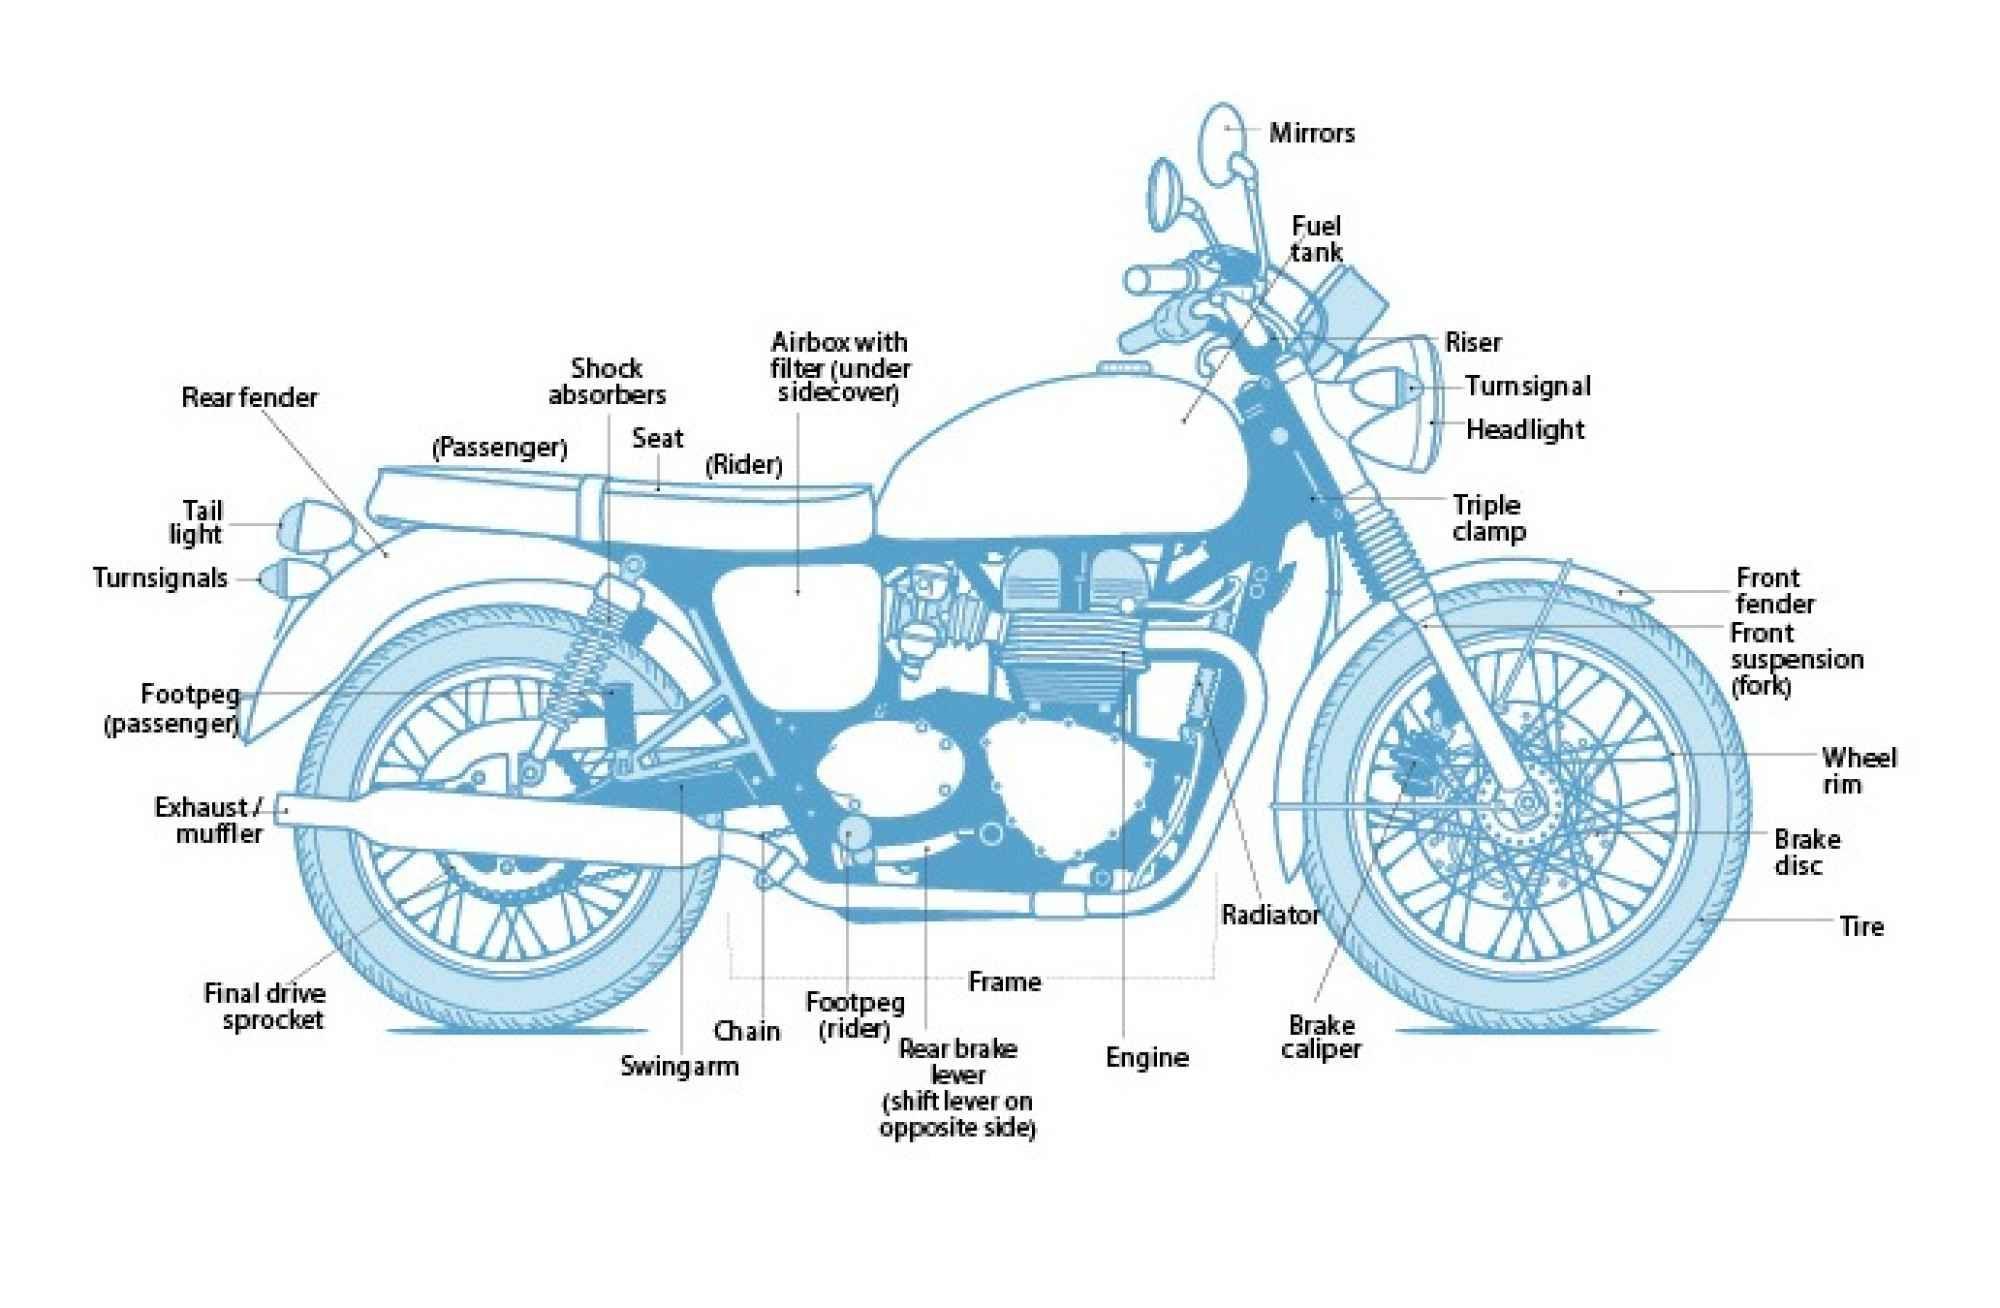 medium resolution of motorcycle diagram motorcycles motorcycle motorcycle parts harley davidson motorcycle microfiche harley davidson motorcycle diagrams